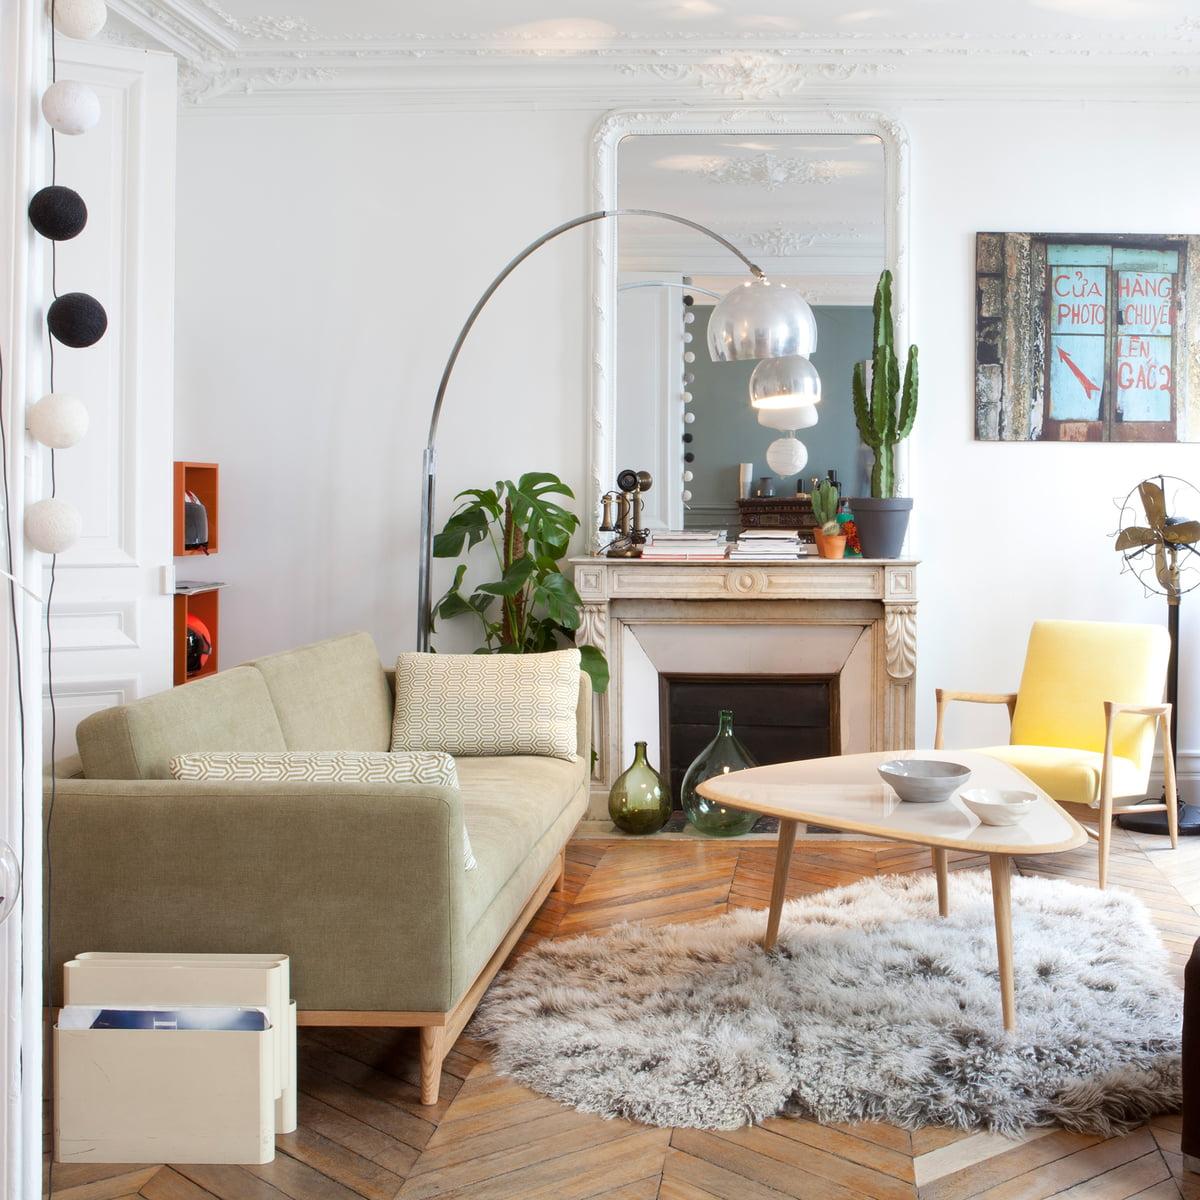 fifties sofa von red edition im shop kaufen, Badezimmer ideen